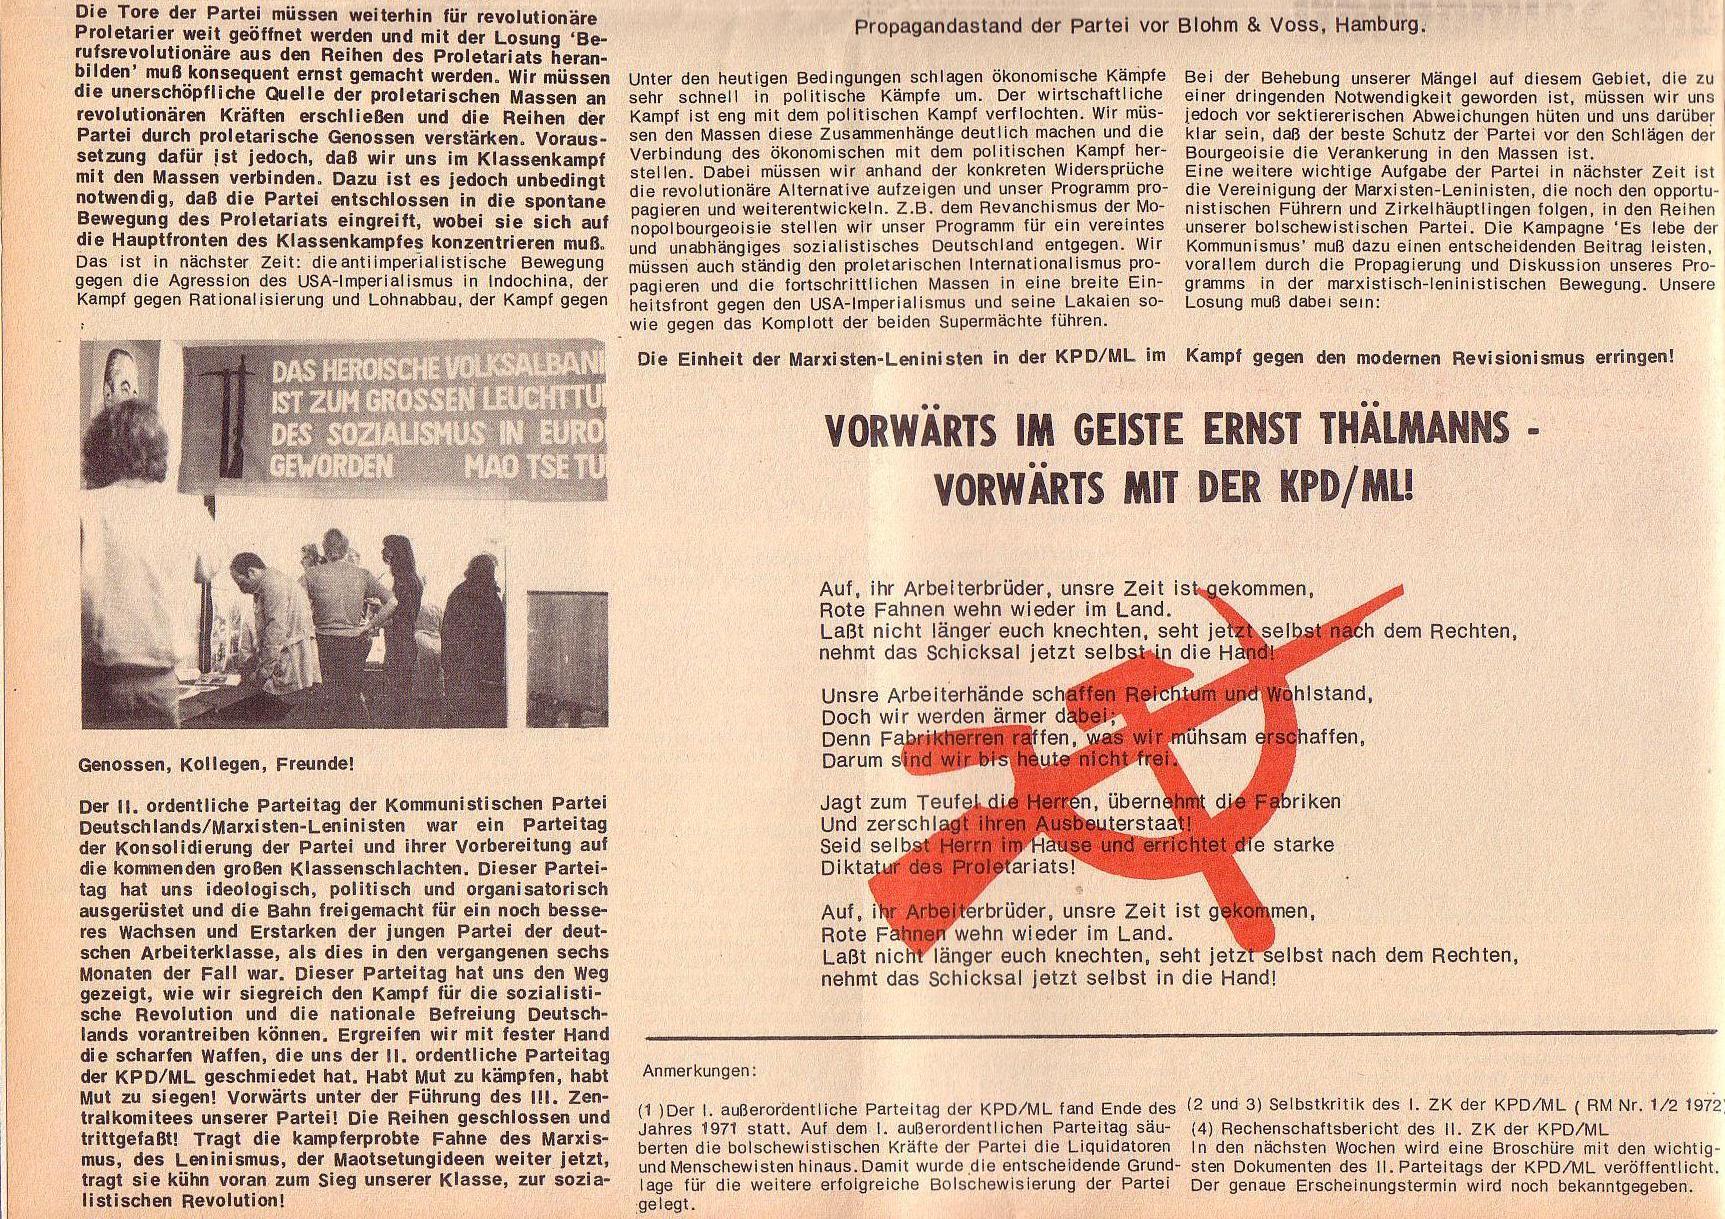 Roter Morgen, 6. Jg., Juli 1972, Sonderbeilage zum II. ordentlichen Parteitag, Seite 6b